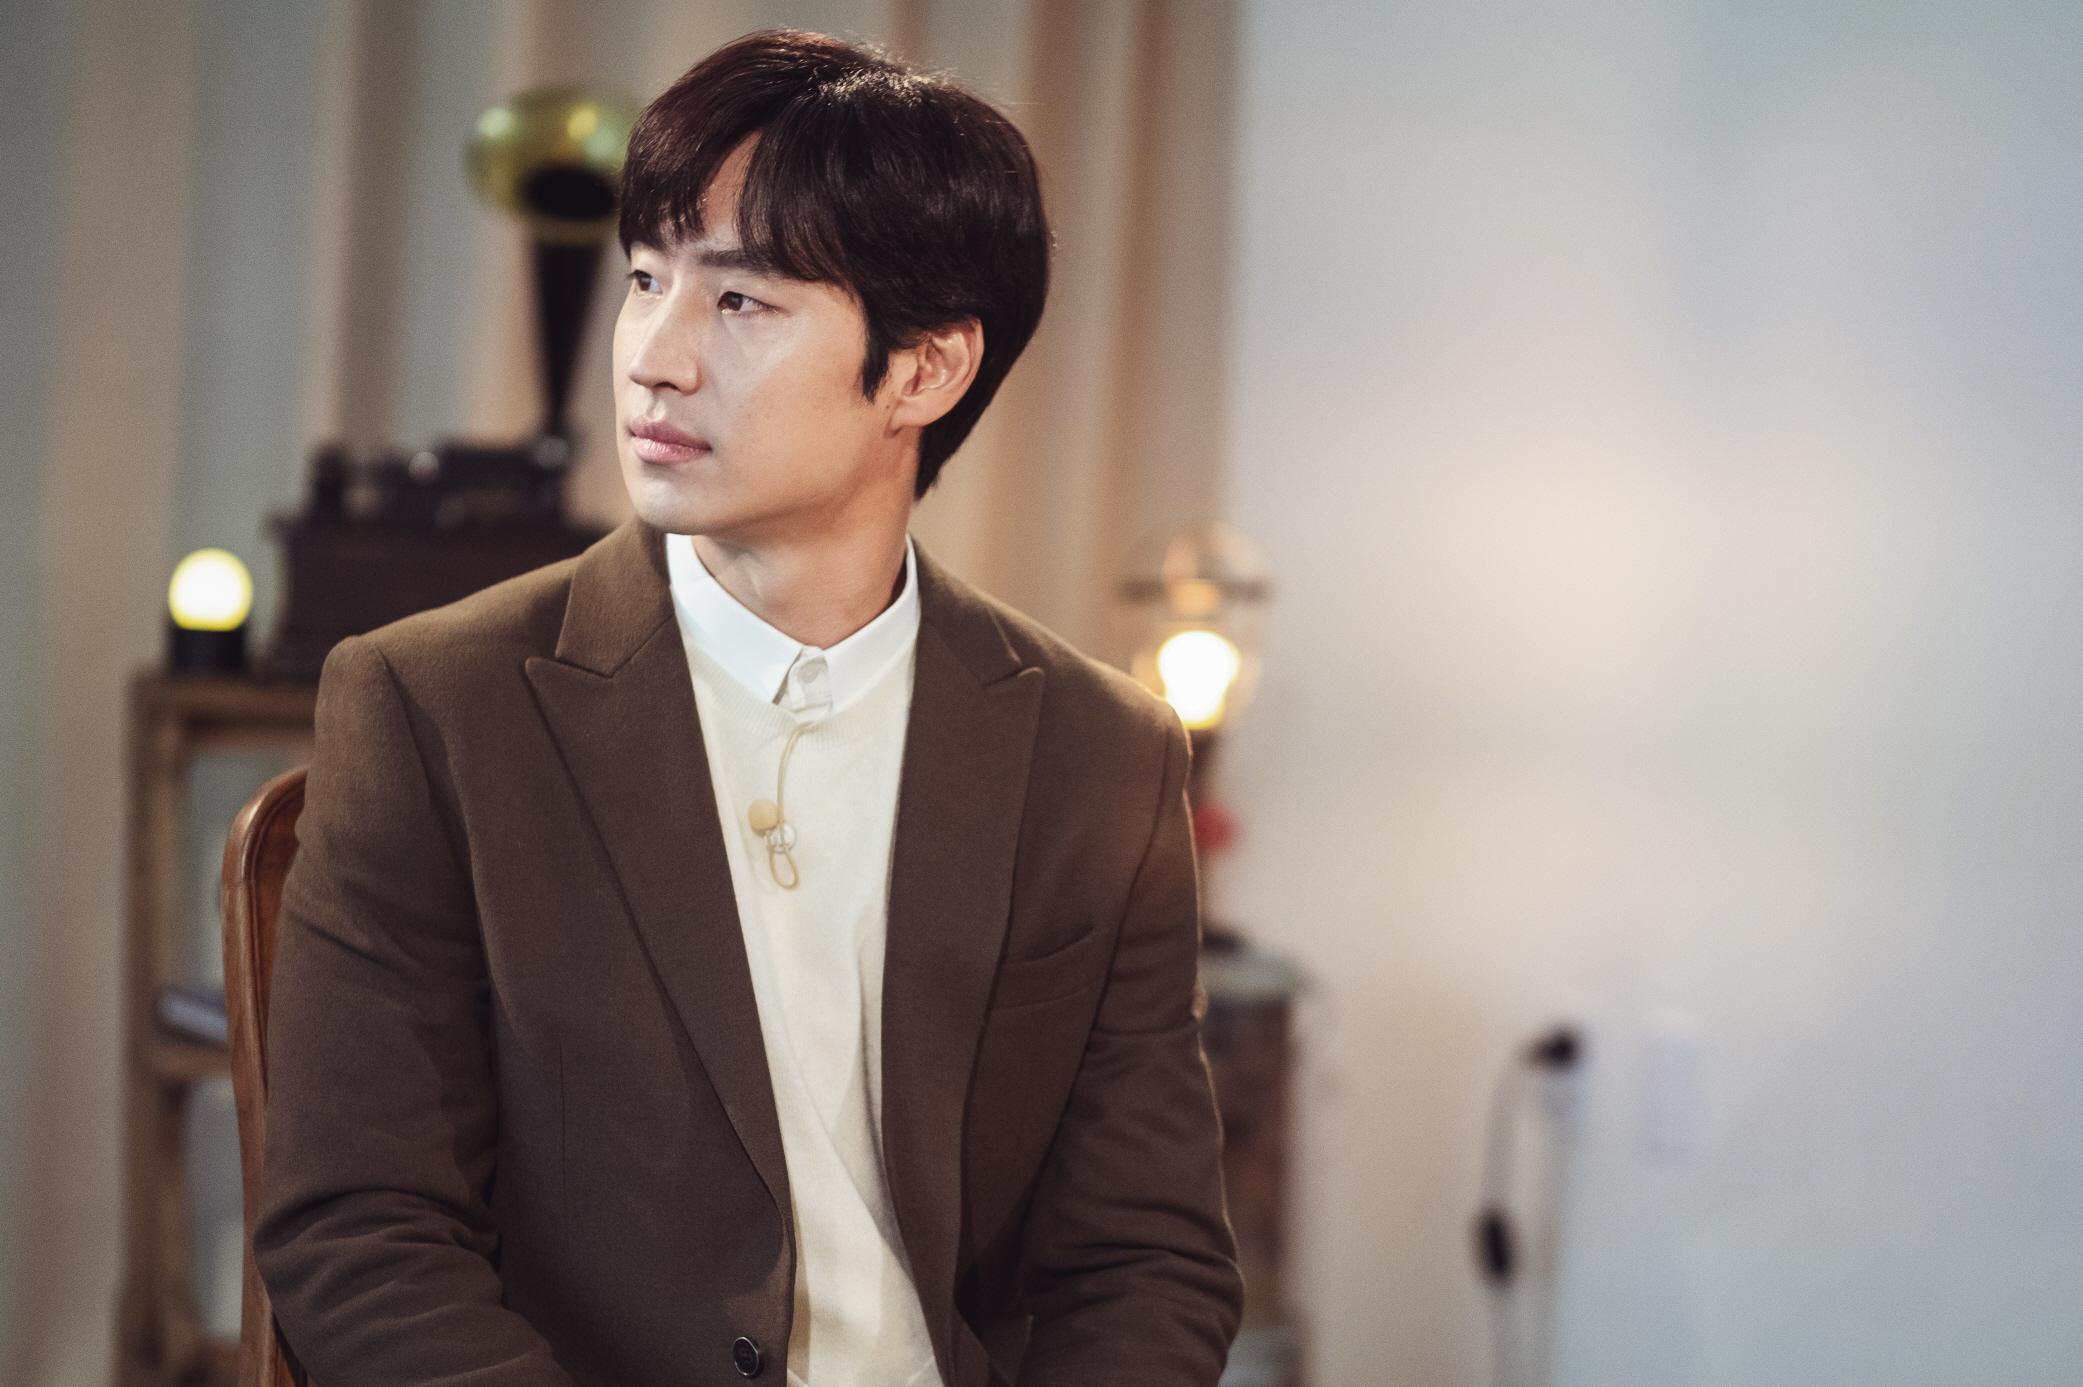 '1919-2019, 기억록' 배우 이제훈이 전하는 안중근 의사의 이야기